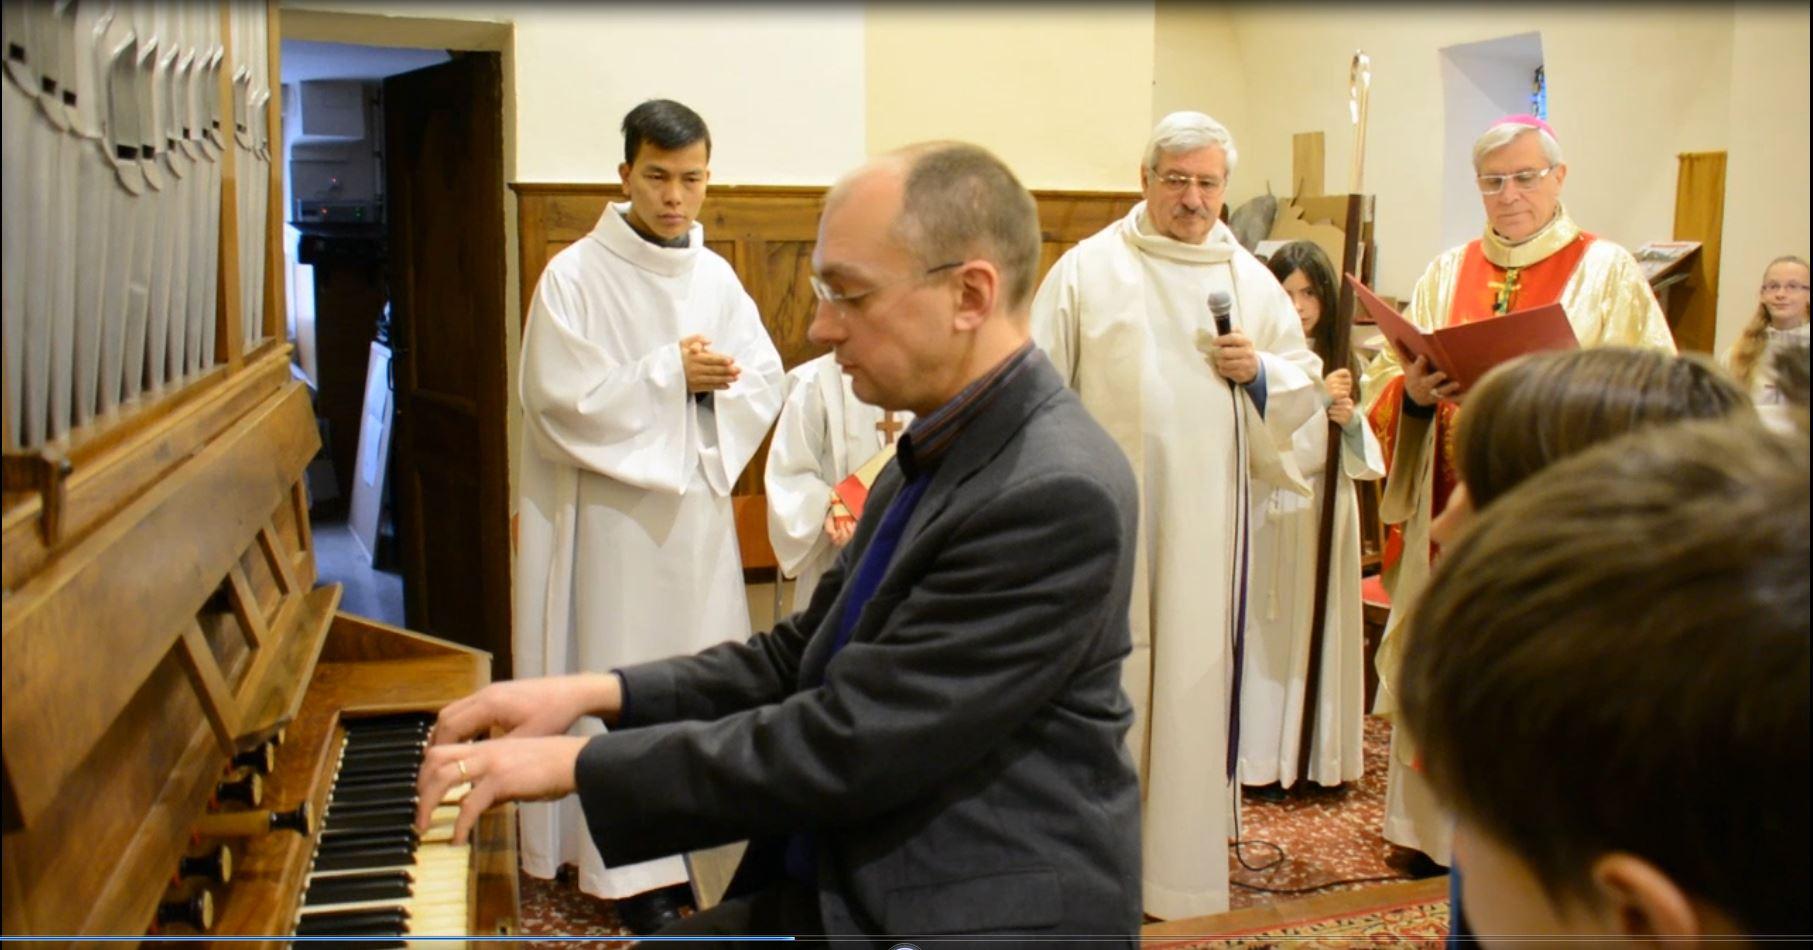 Bénédiction à La Saulce d'un orgue, et à Plan-de-Vitrolles d'un oratoire rénové et de deux tableaux